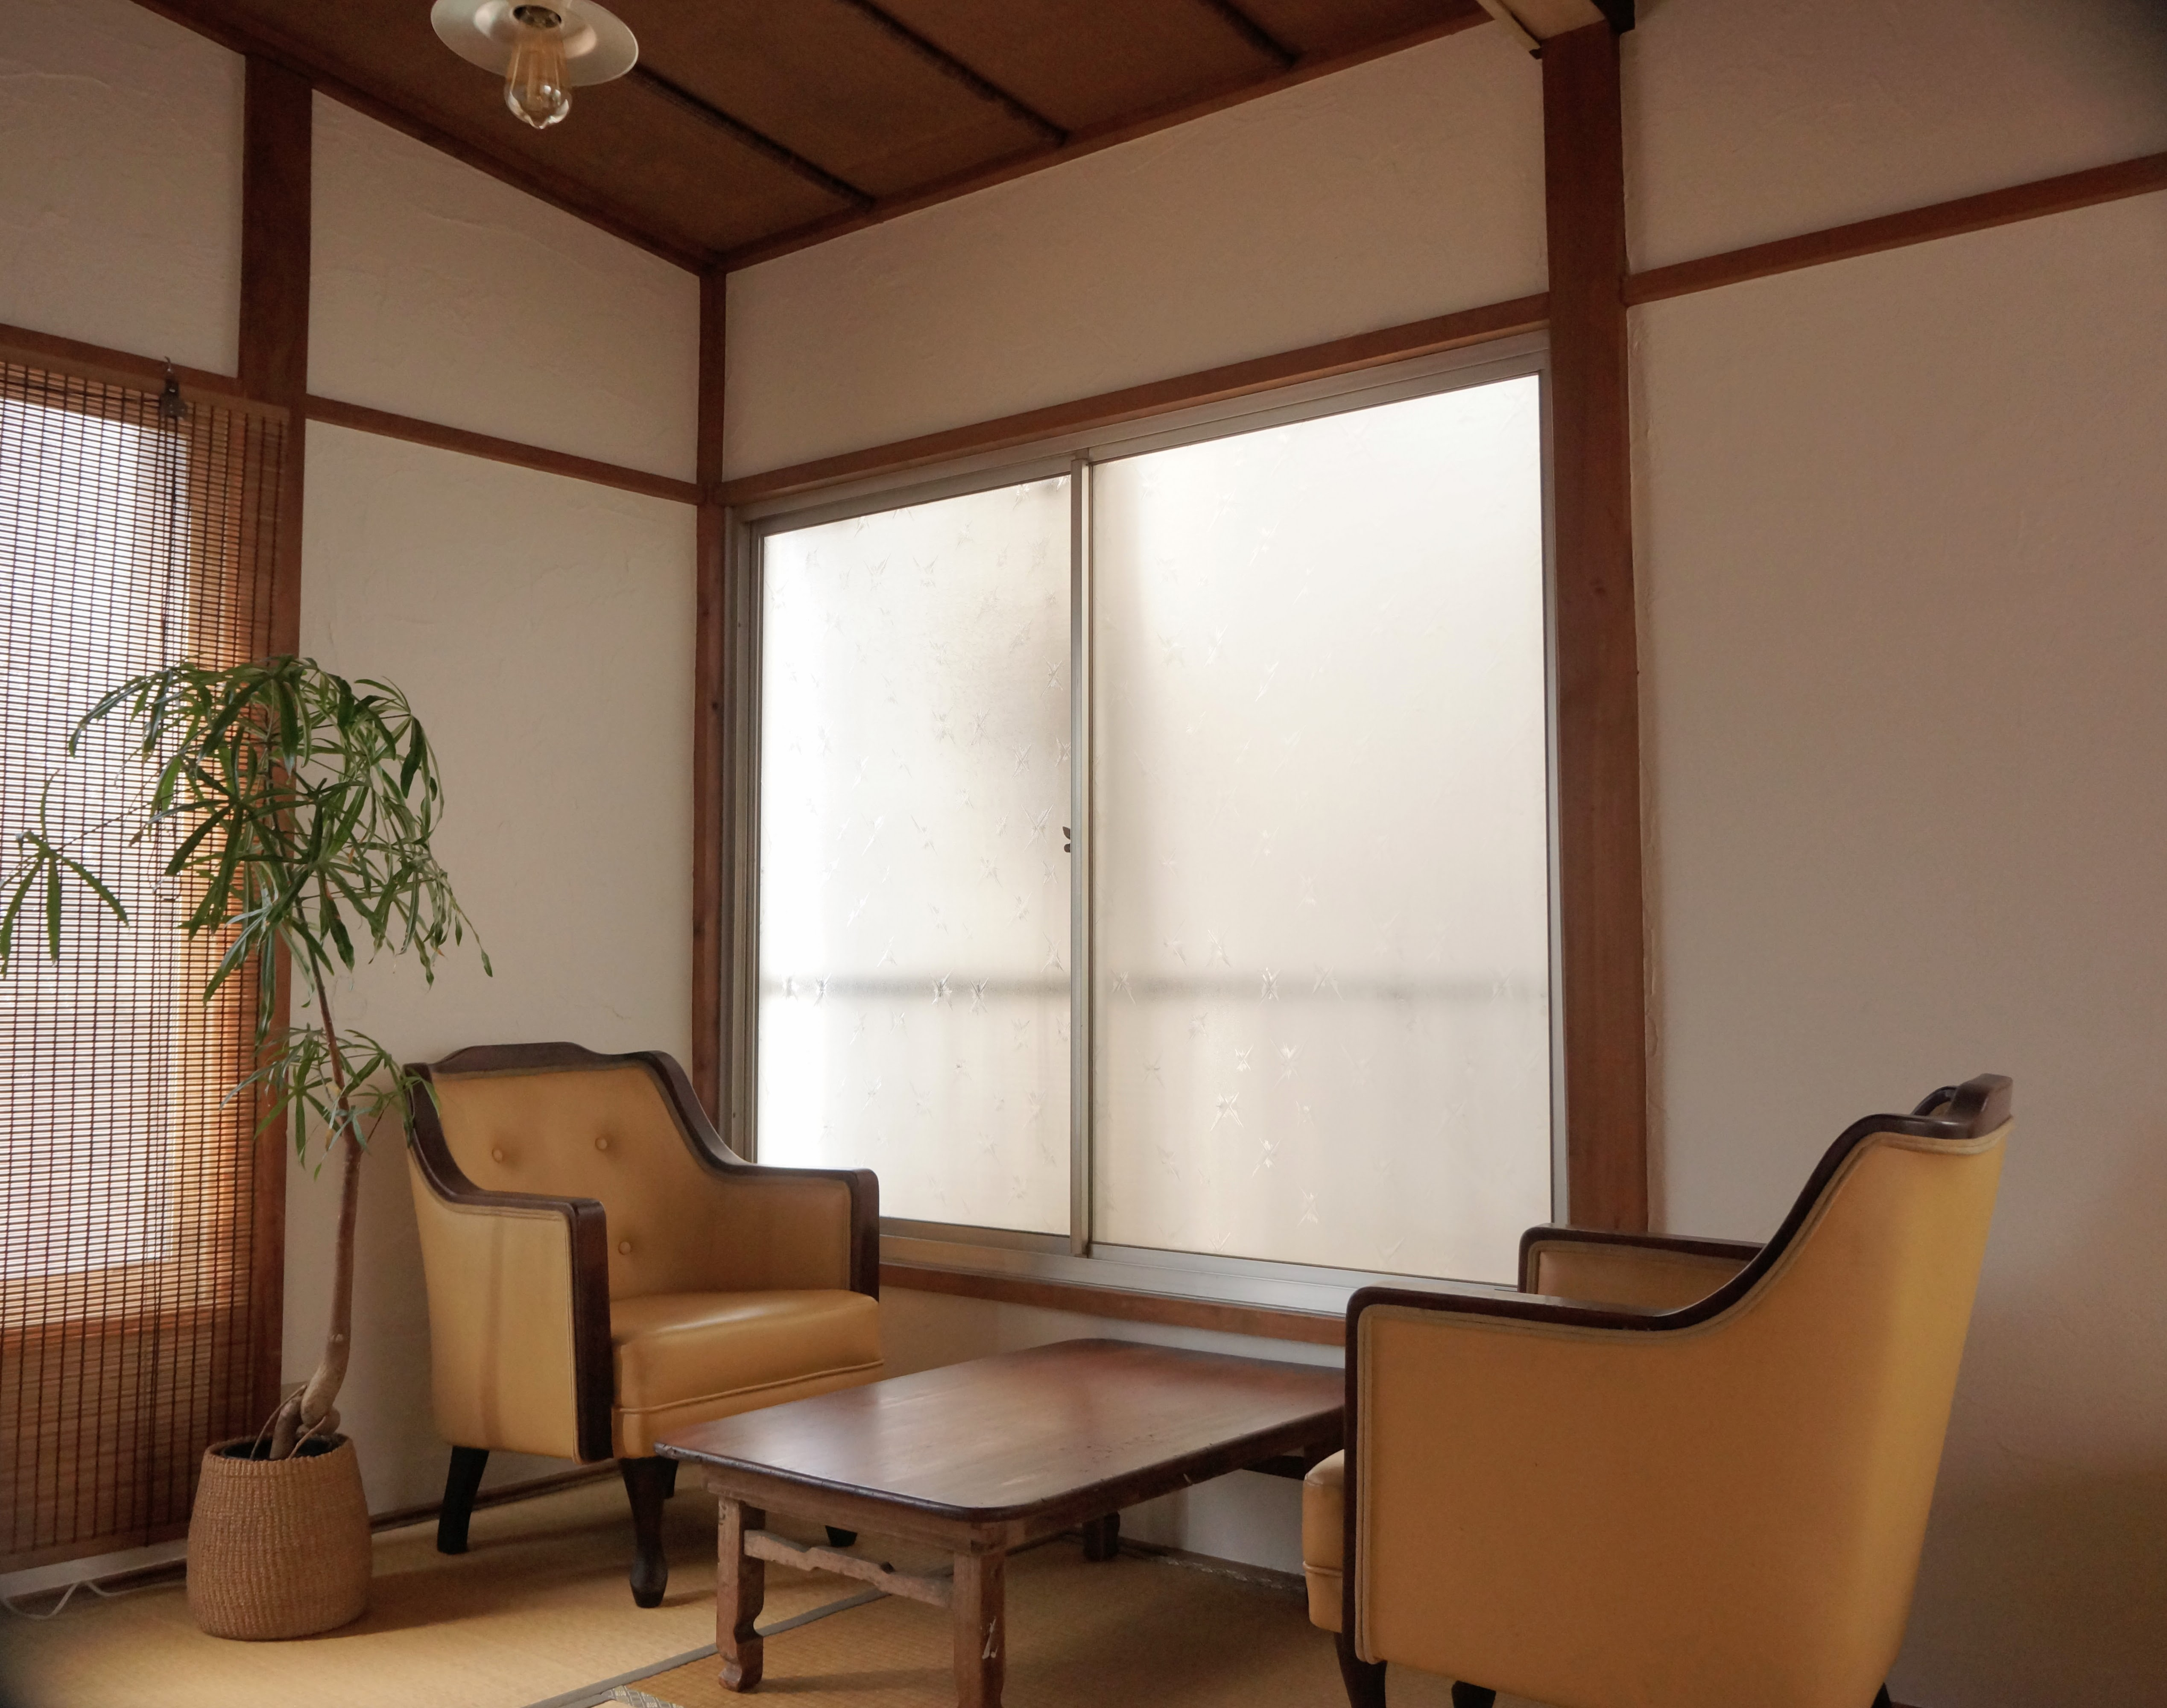 4畳半の窓辺の様子。 - 子育てカフェeatoco 2階和室の室内の写真